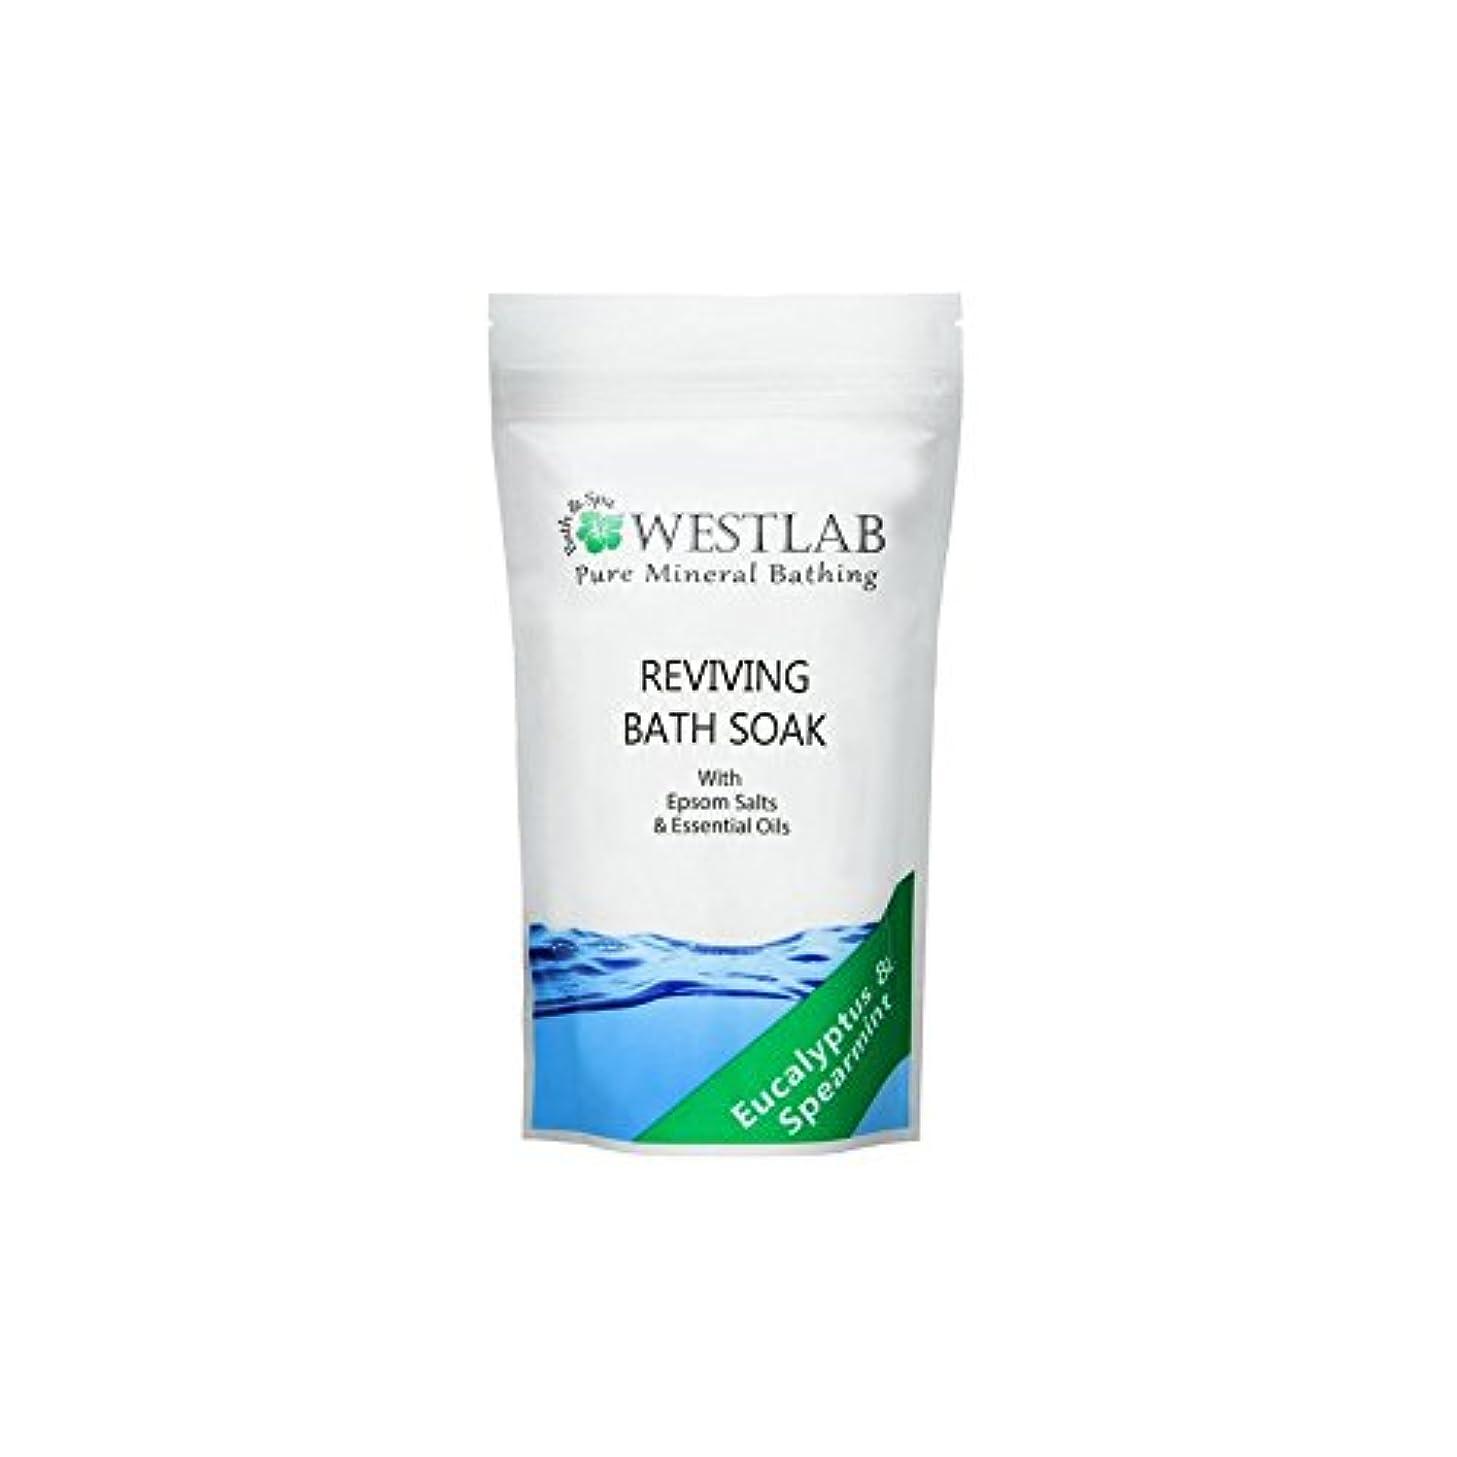 評論家ラップ元に戻すWestlab Revive Epsom Salt Bath Soak (500g) - (500グラム)をソークエプソム塩浴を復活させます [並行輸入品]